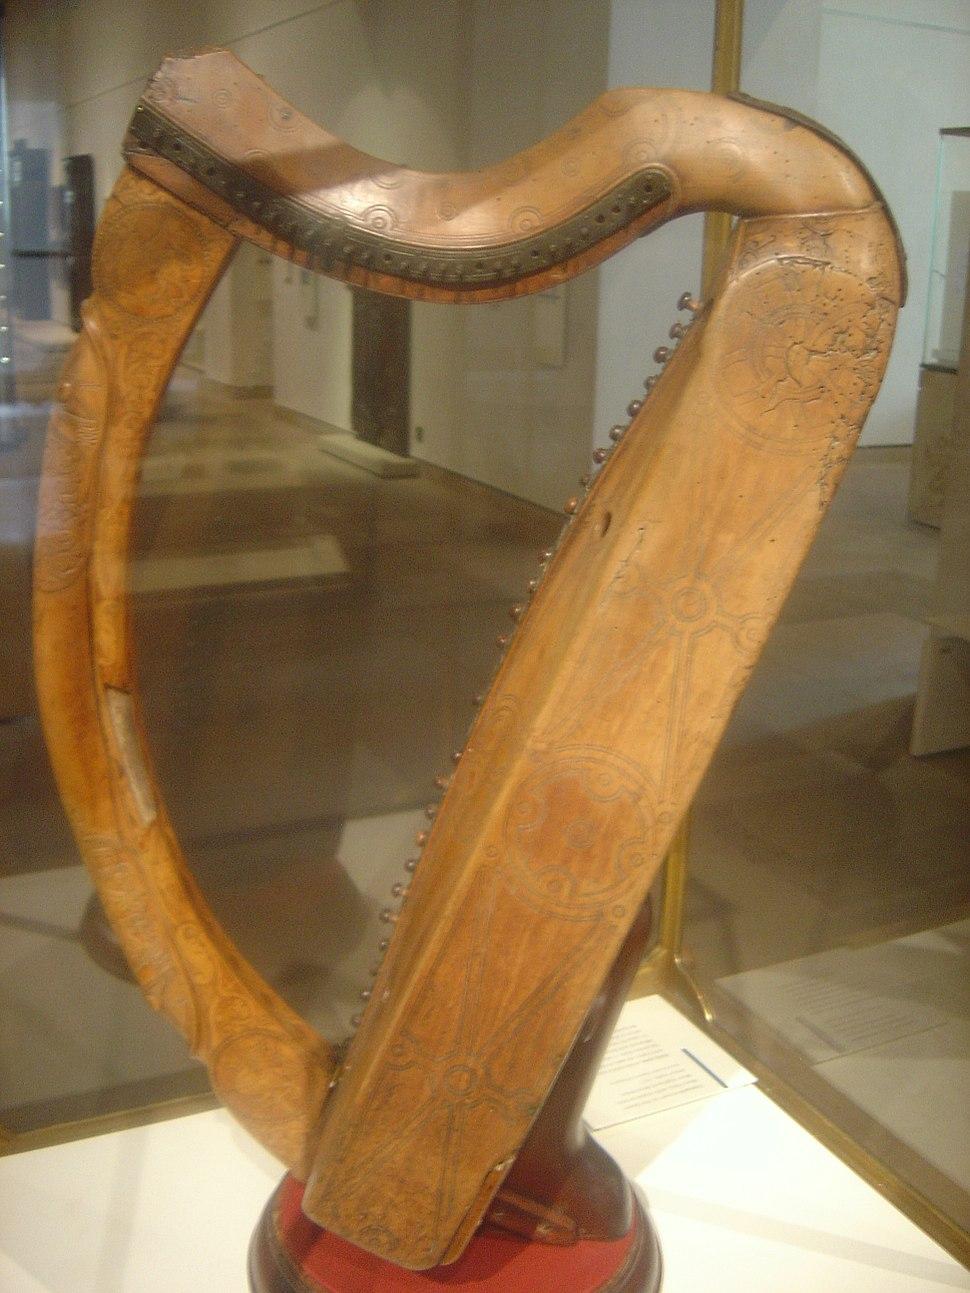 Celtic harp dsc05425